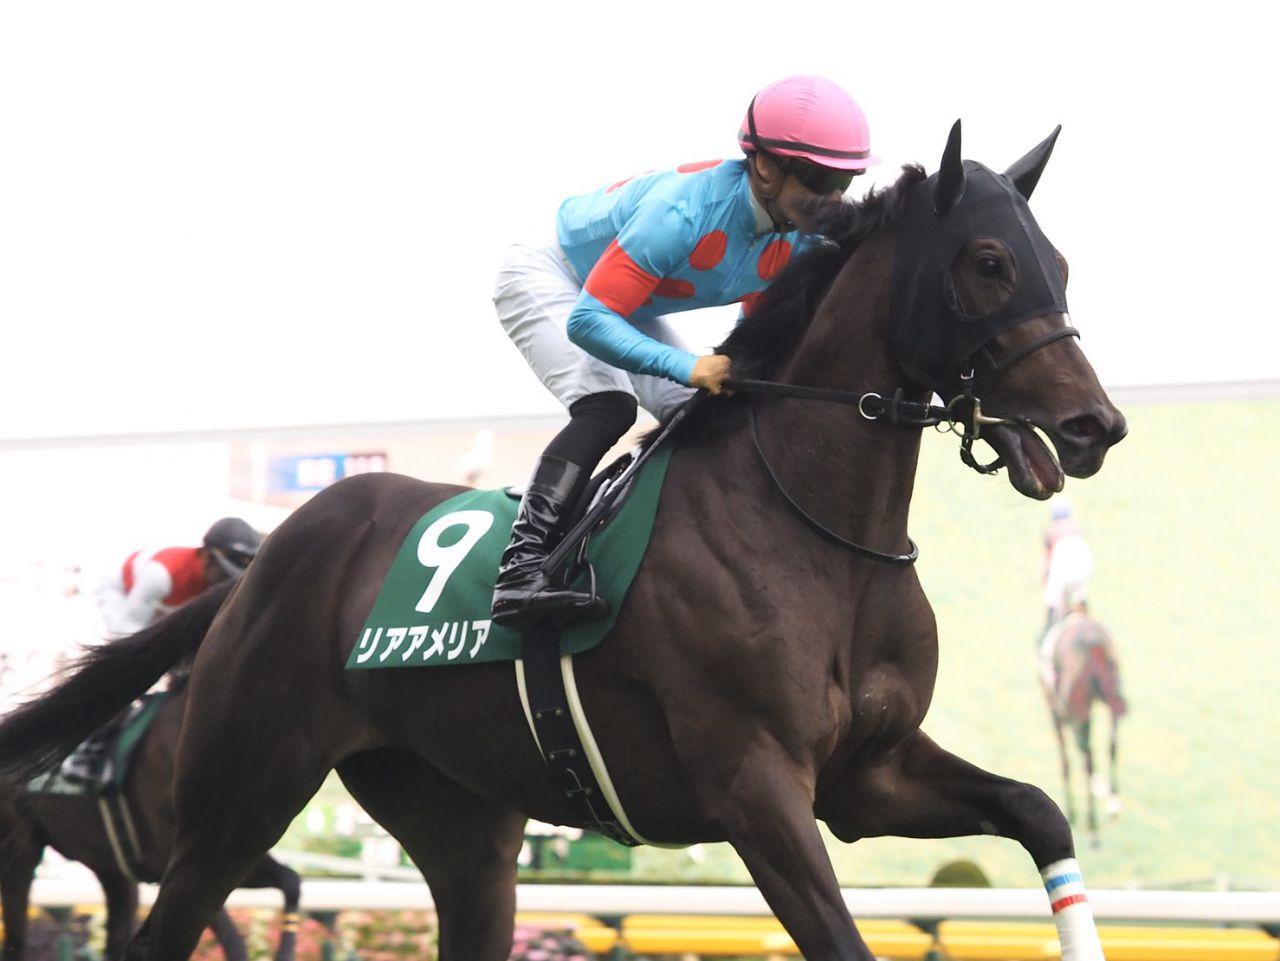 【スワンS】岩田康「勝ち馬のキレ凄かった」レース後ジョッキーコメント